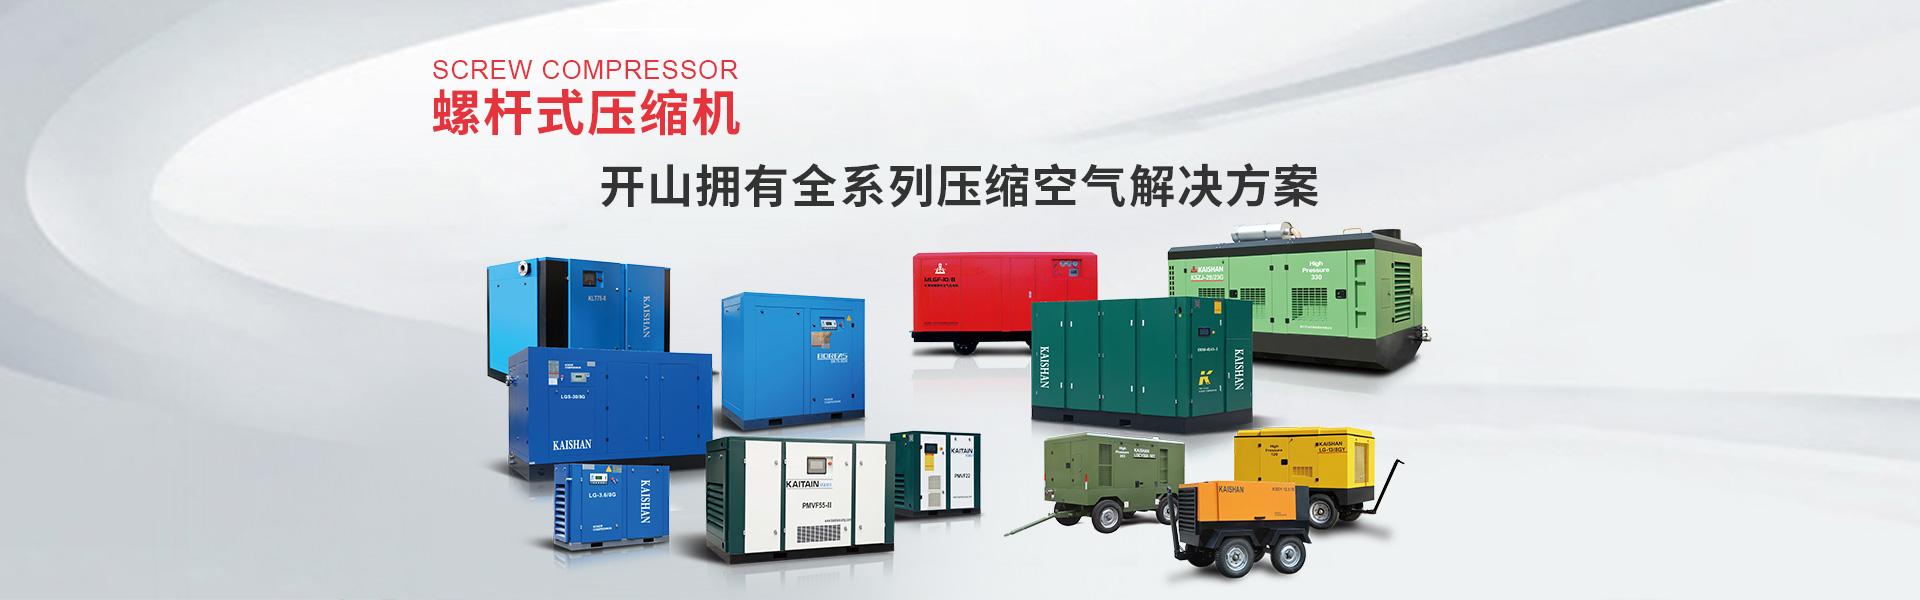 宜兴市艾普空气系统设备有限公司,无锡变频螺杆空压机